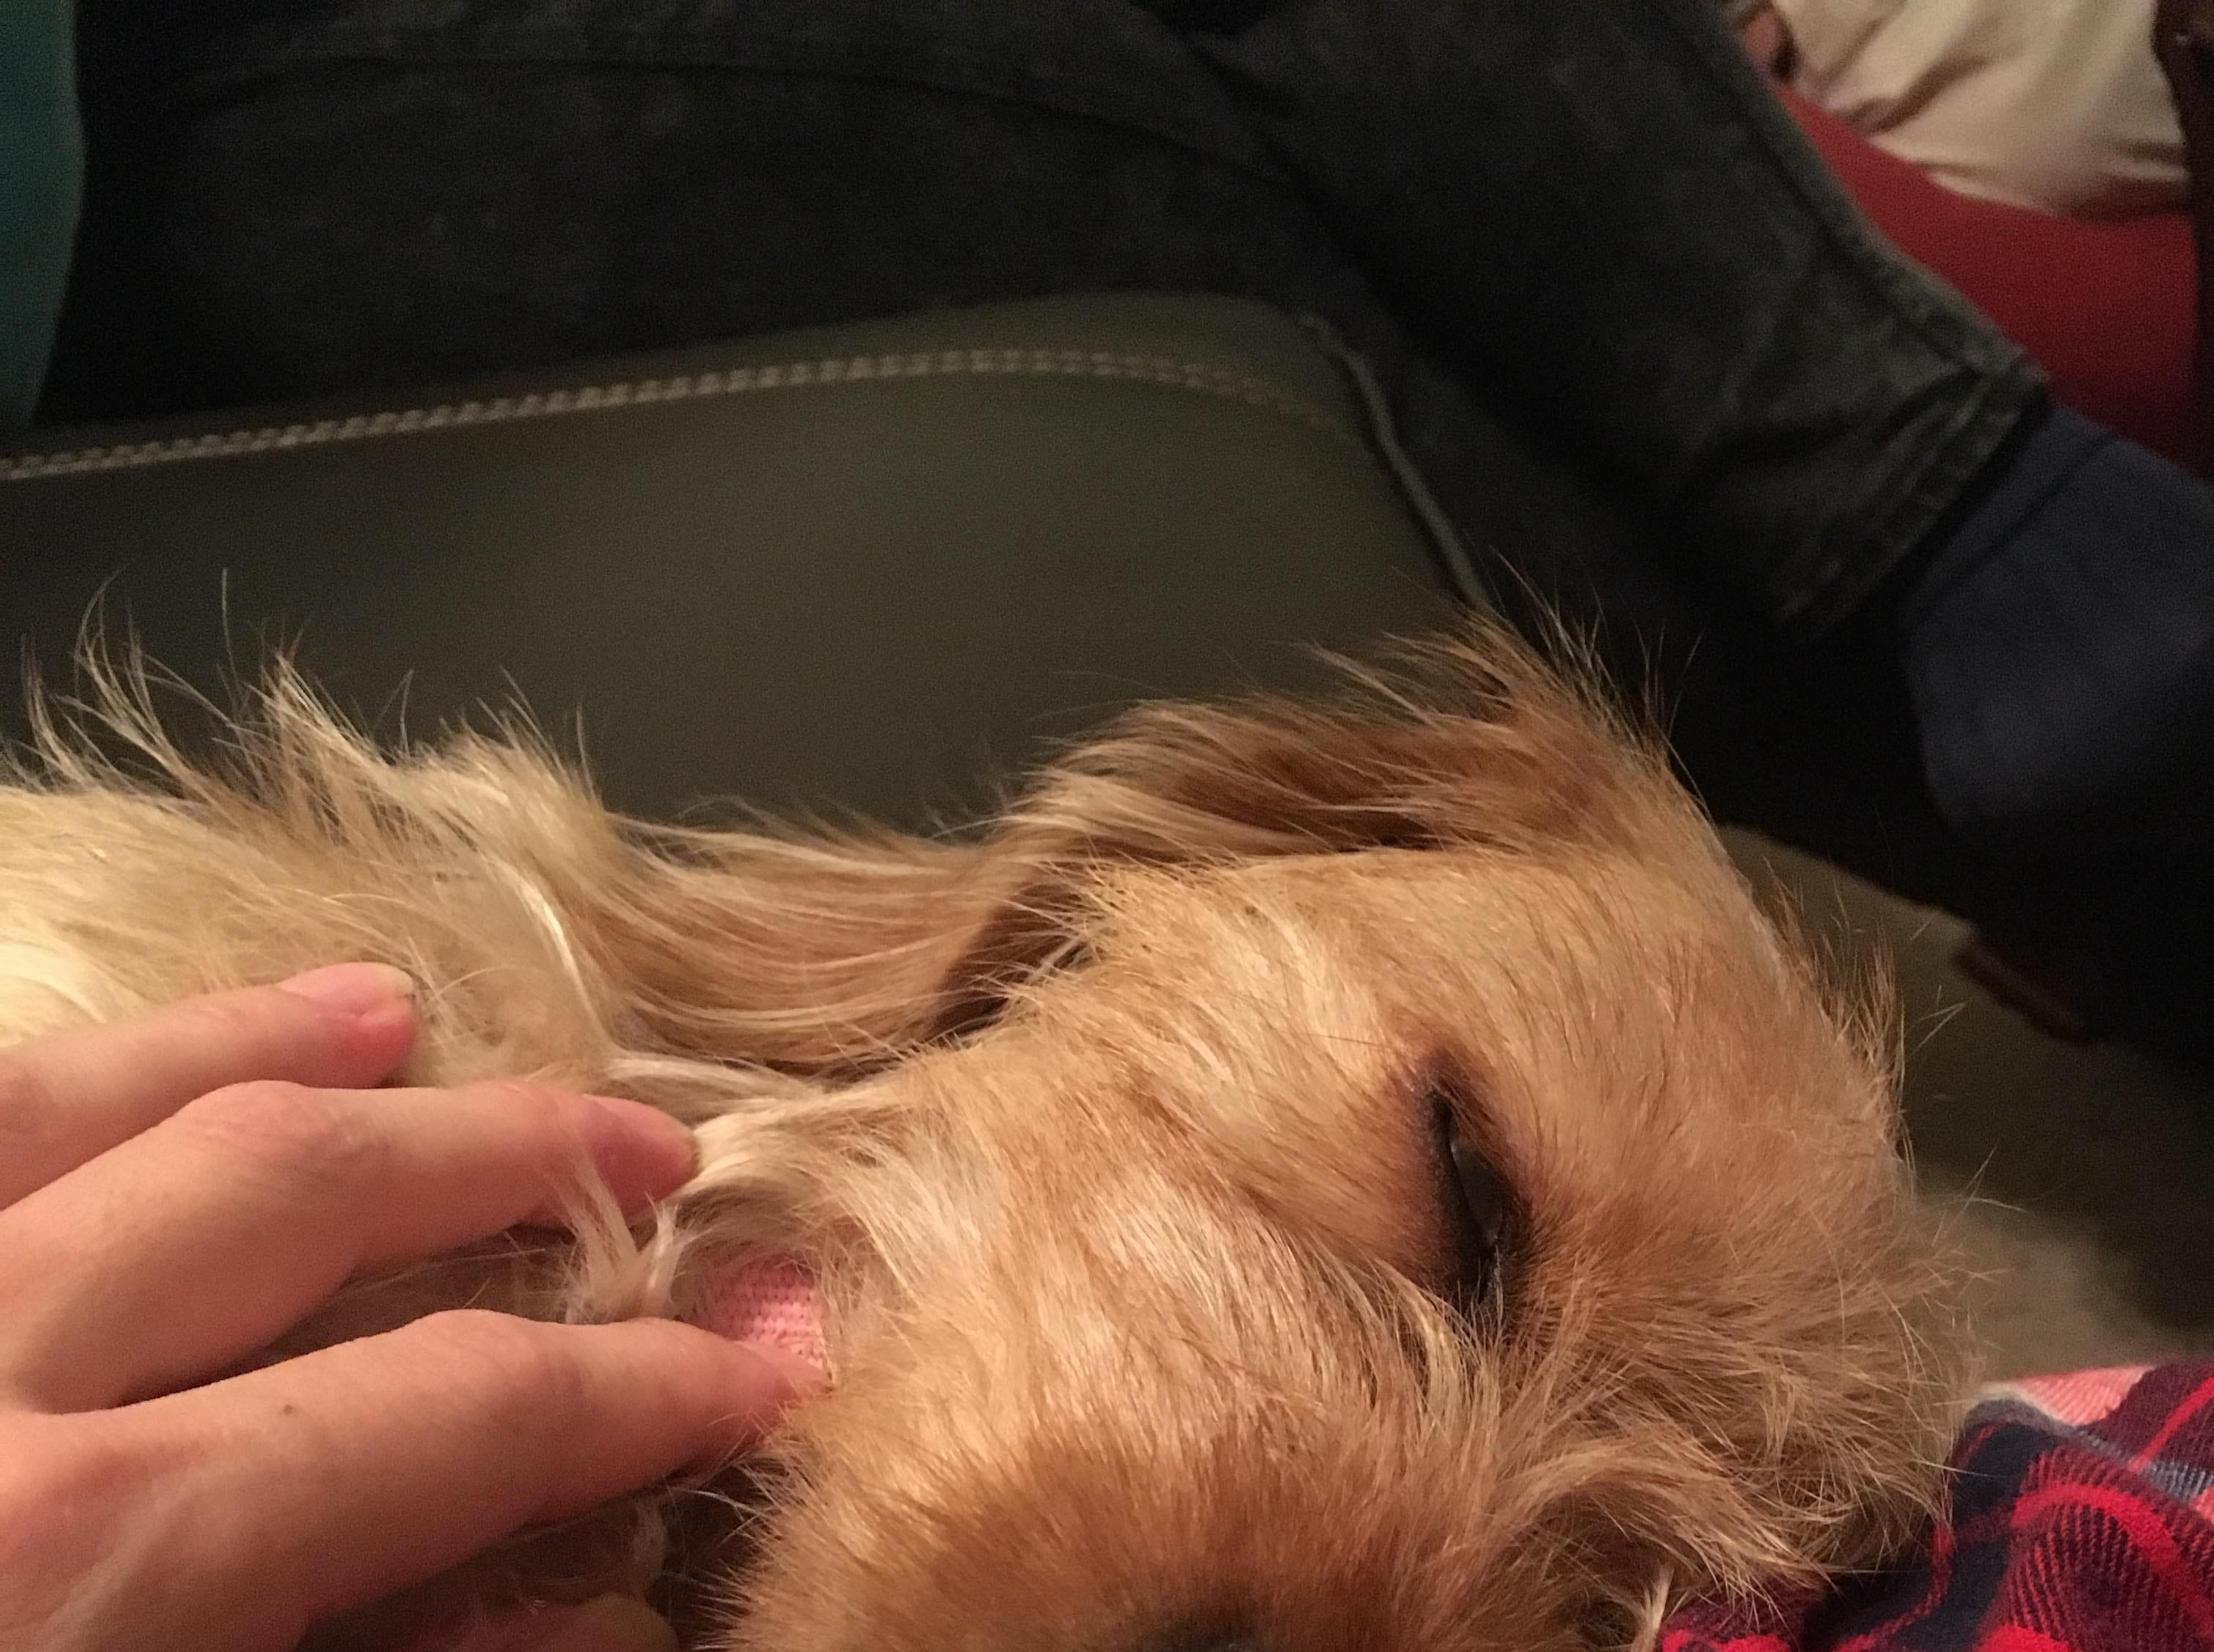 Sophie asleep on her owner, Ayaka Kaneko's lap.